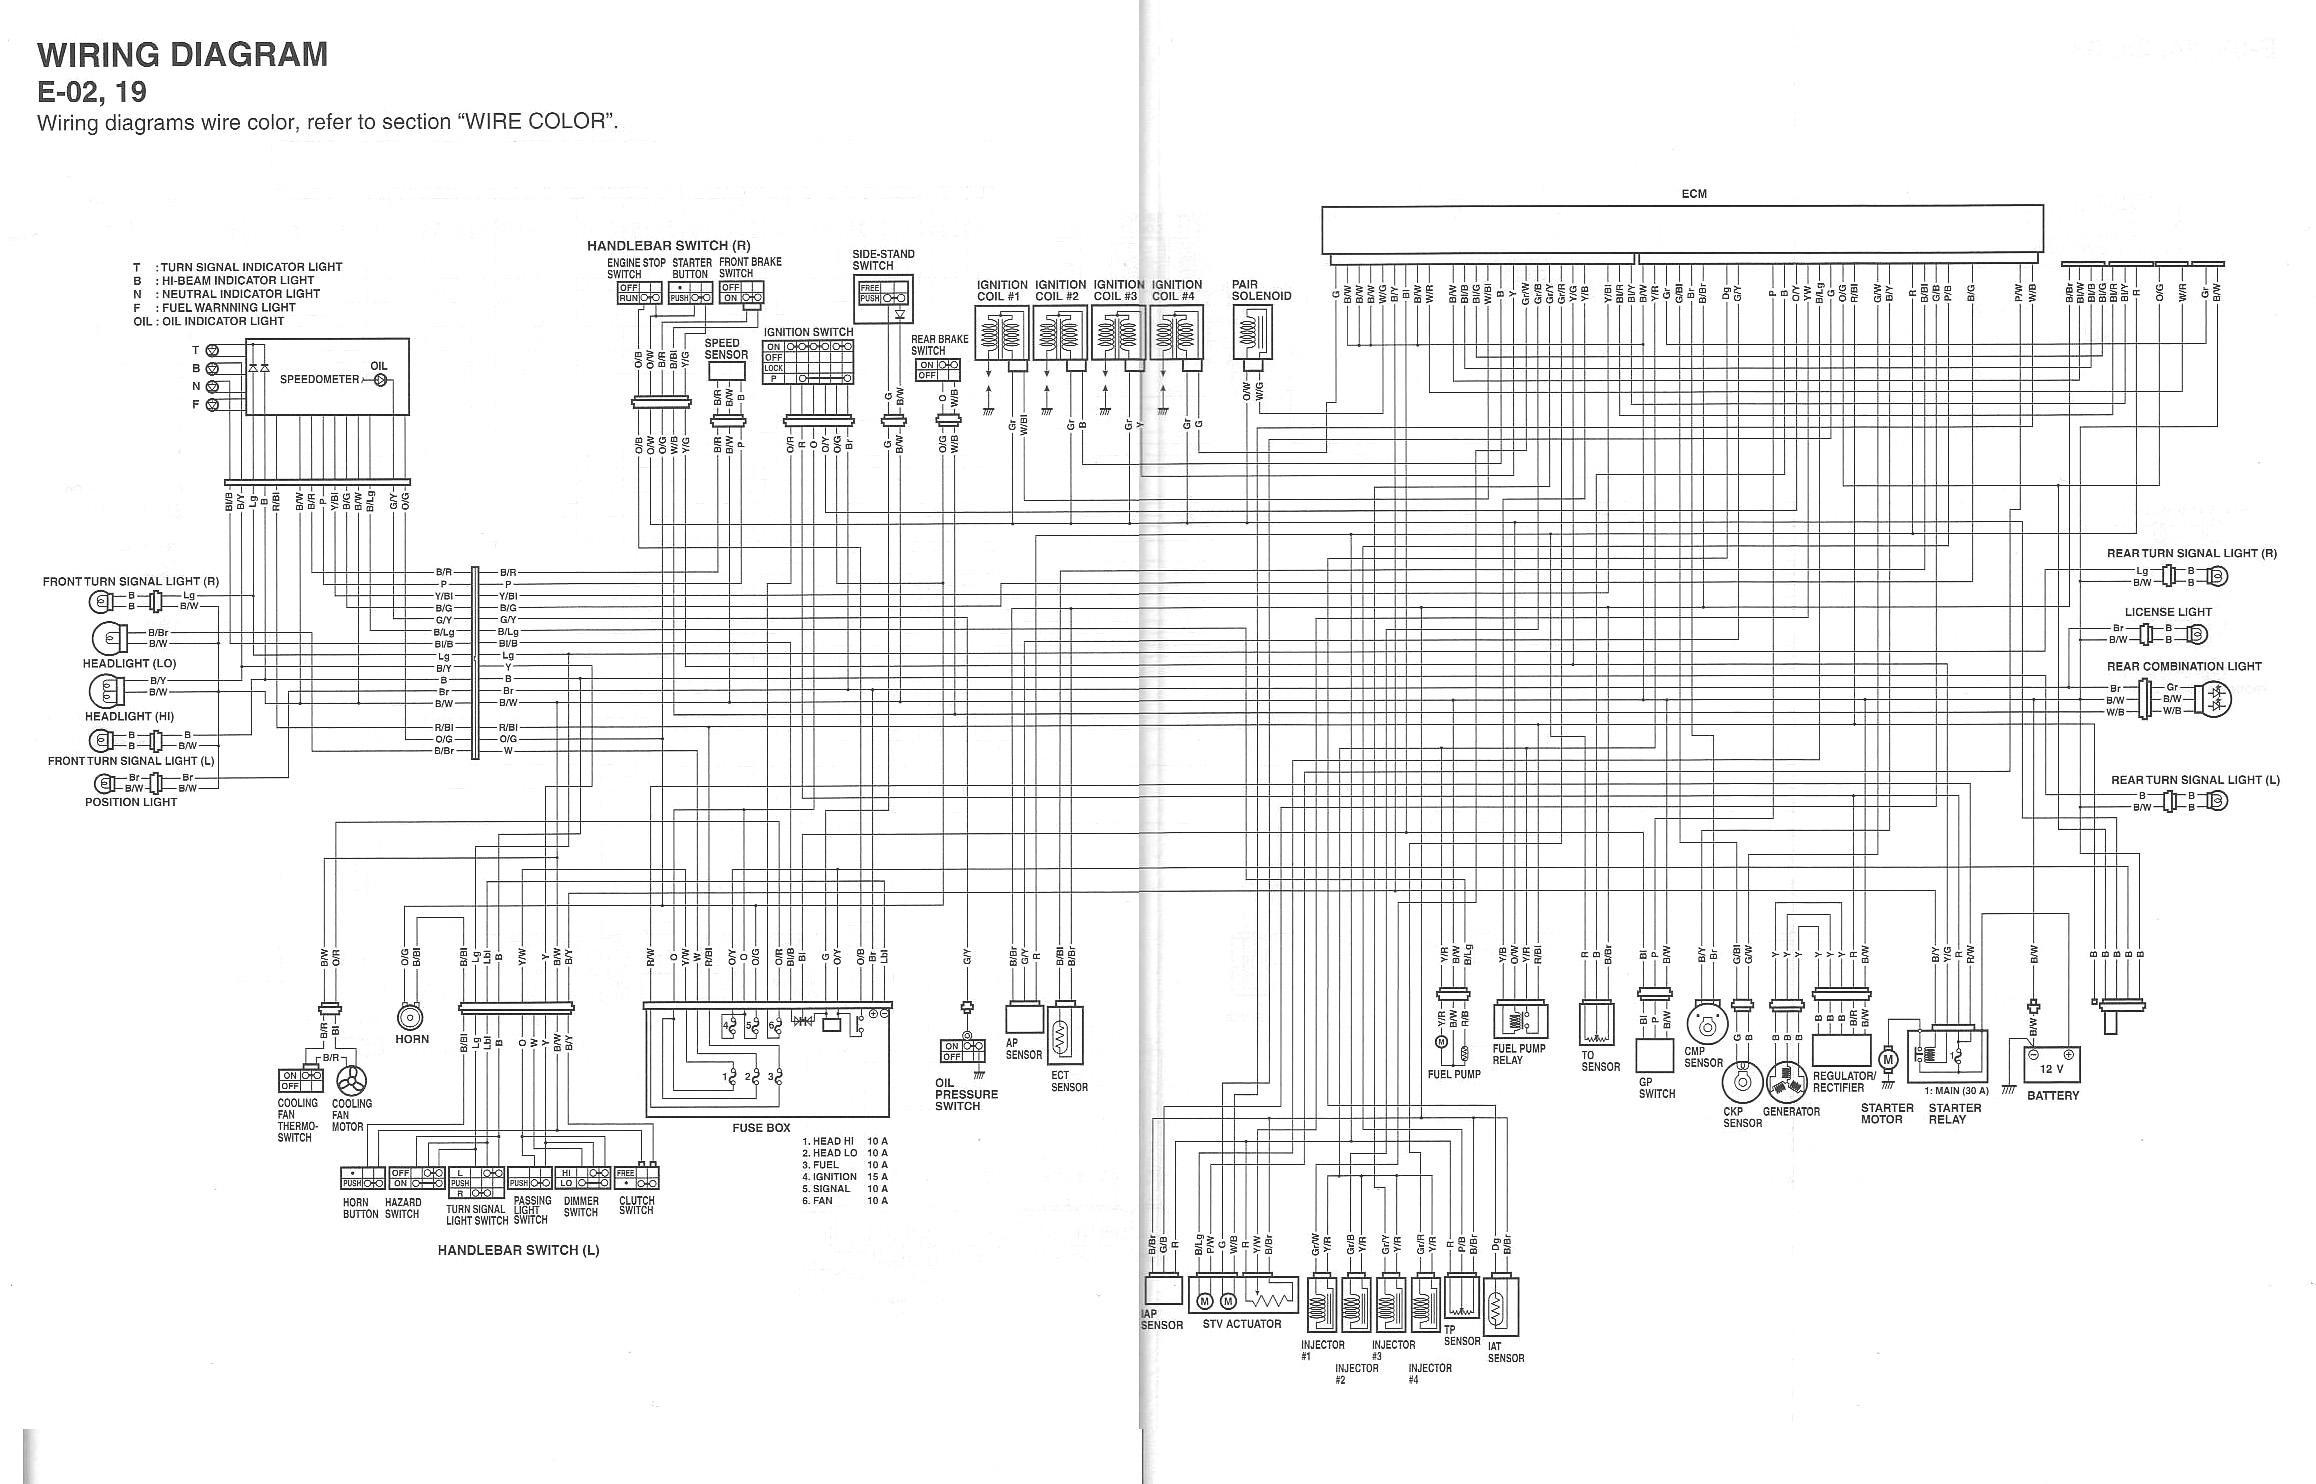 2005 suzuki gsxr 600 wiring diagram wiring diagram suzuki gsx r motorcycle forums gixxer com  suzuki gsx r motorcycle forums gixxer com